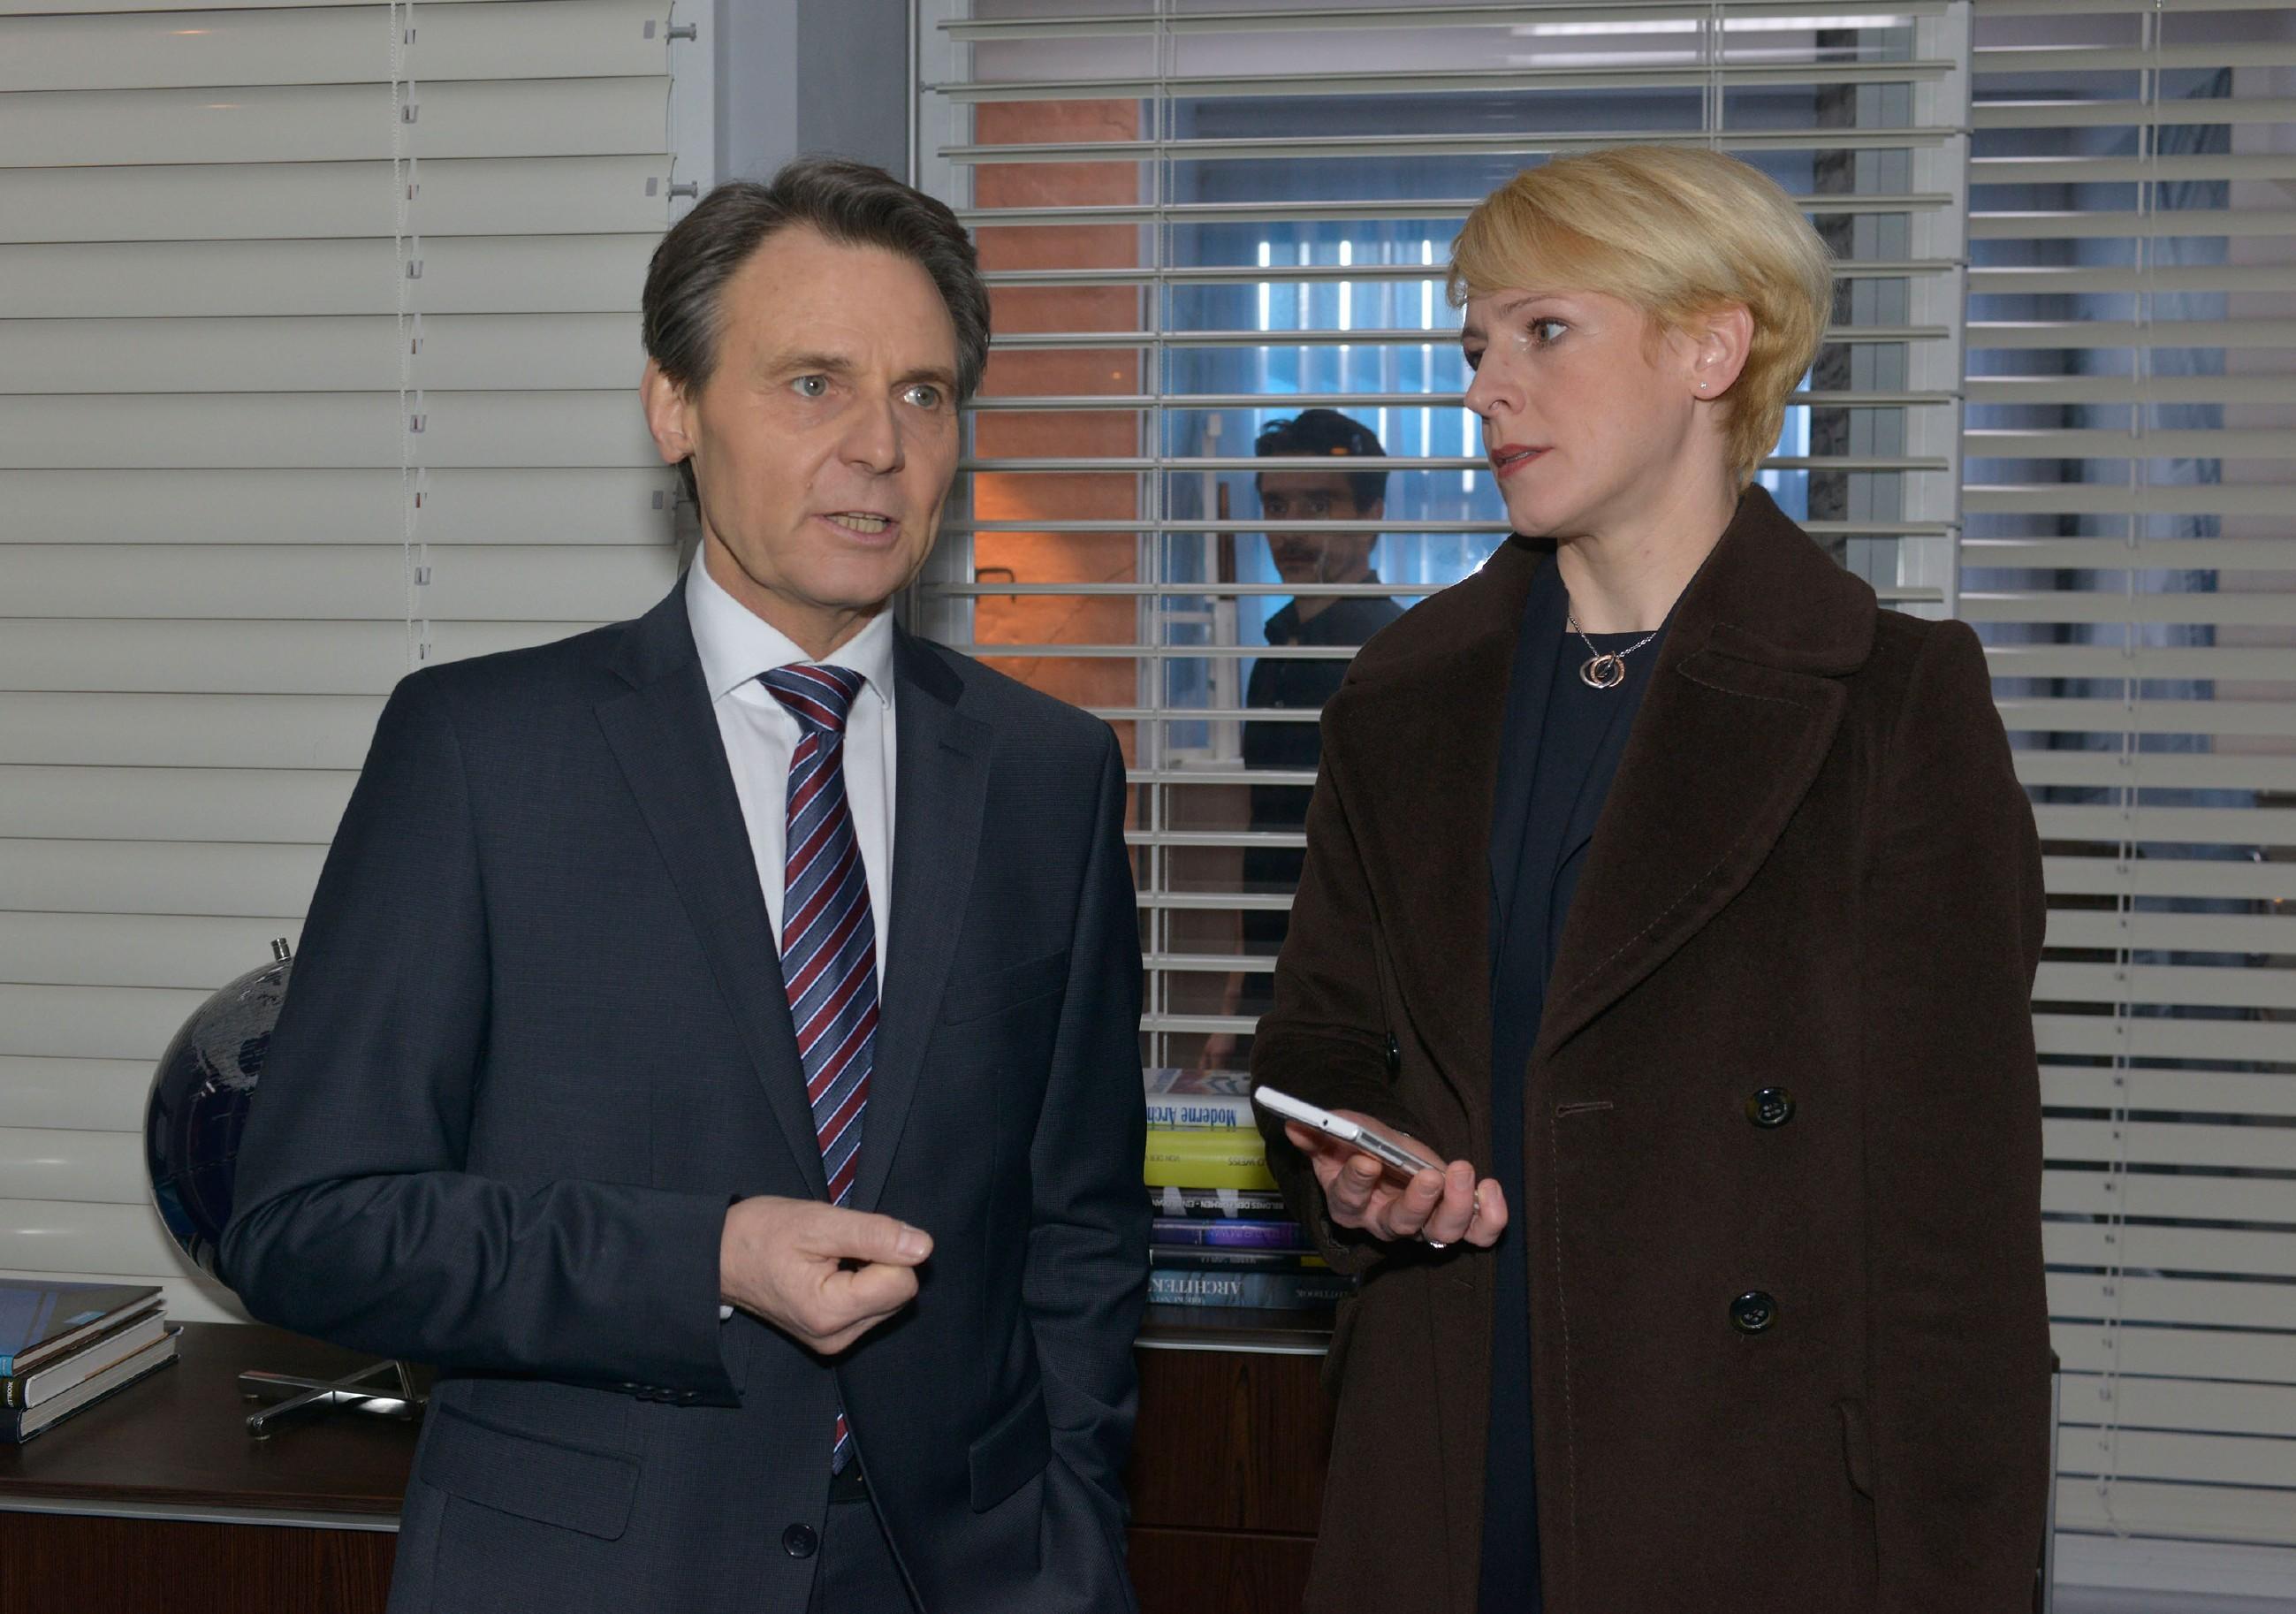 Die Anwältin Yvonne Dittmar (Aline Staskowiak) setzt sich bei Jo Gerner (Wolfgang Bahro) für Maren ein. (Quelle: RTL / Rolf Baumgartner)